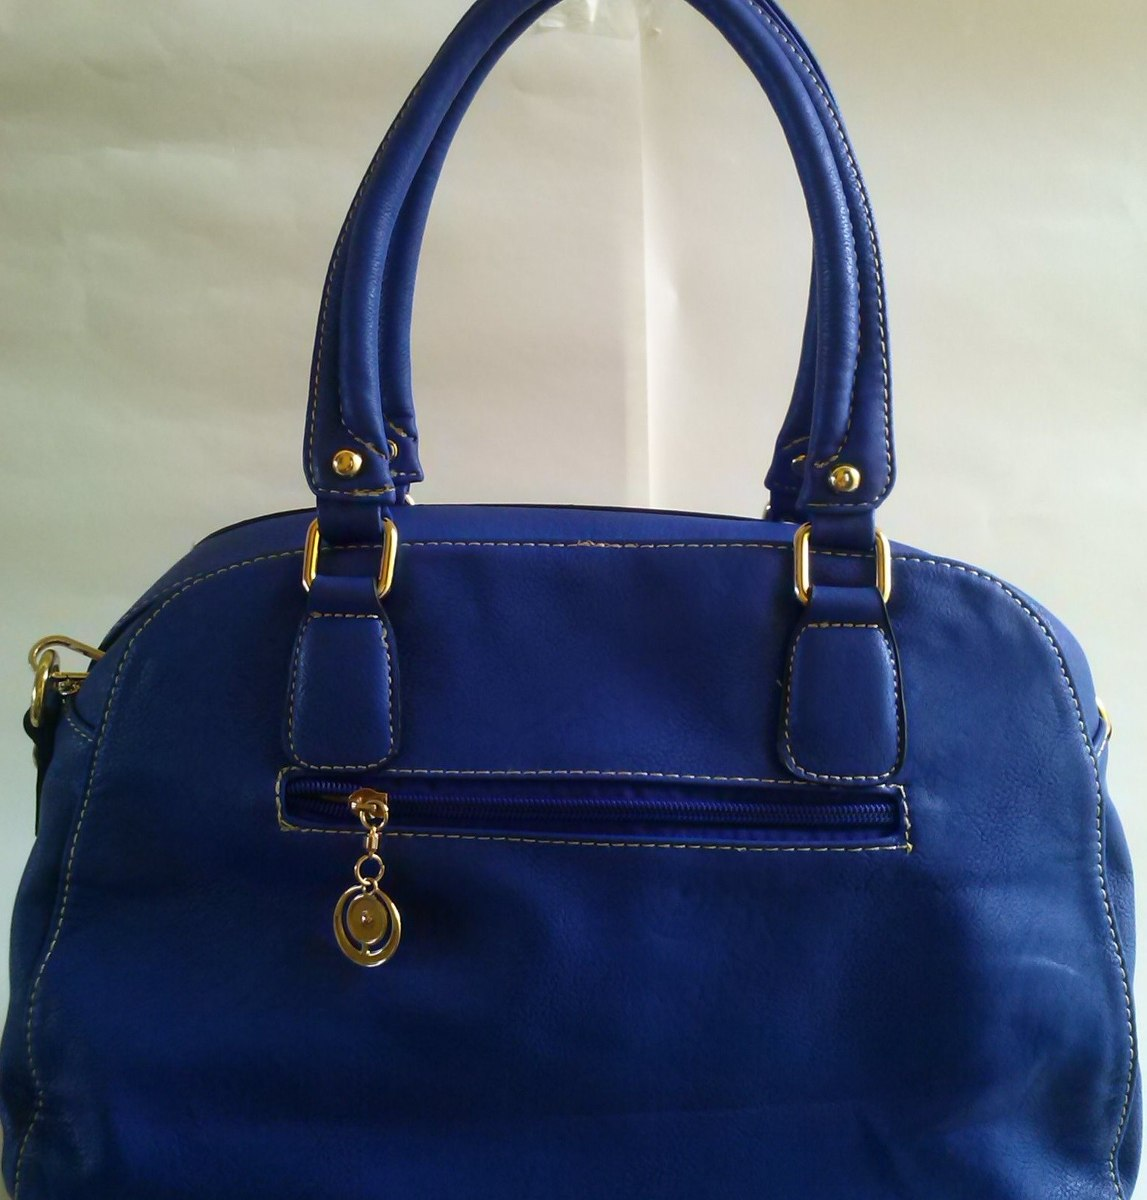 bb409a6b0e comprar bolsas femininas baratas   bolsas de couro. Carregando zoom.